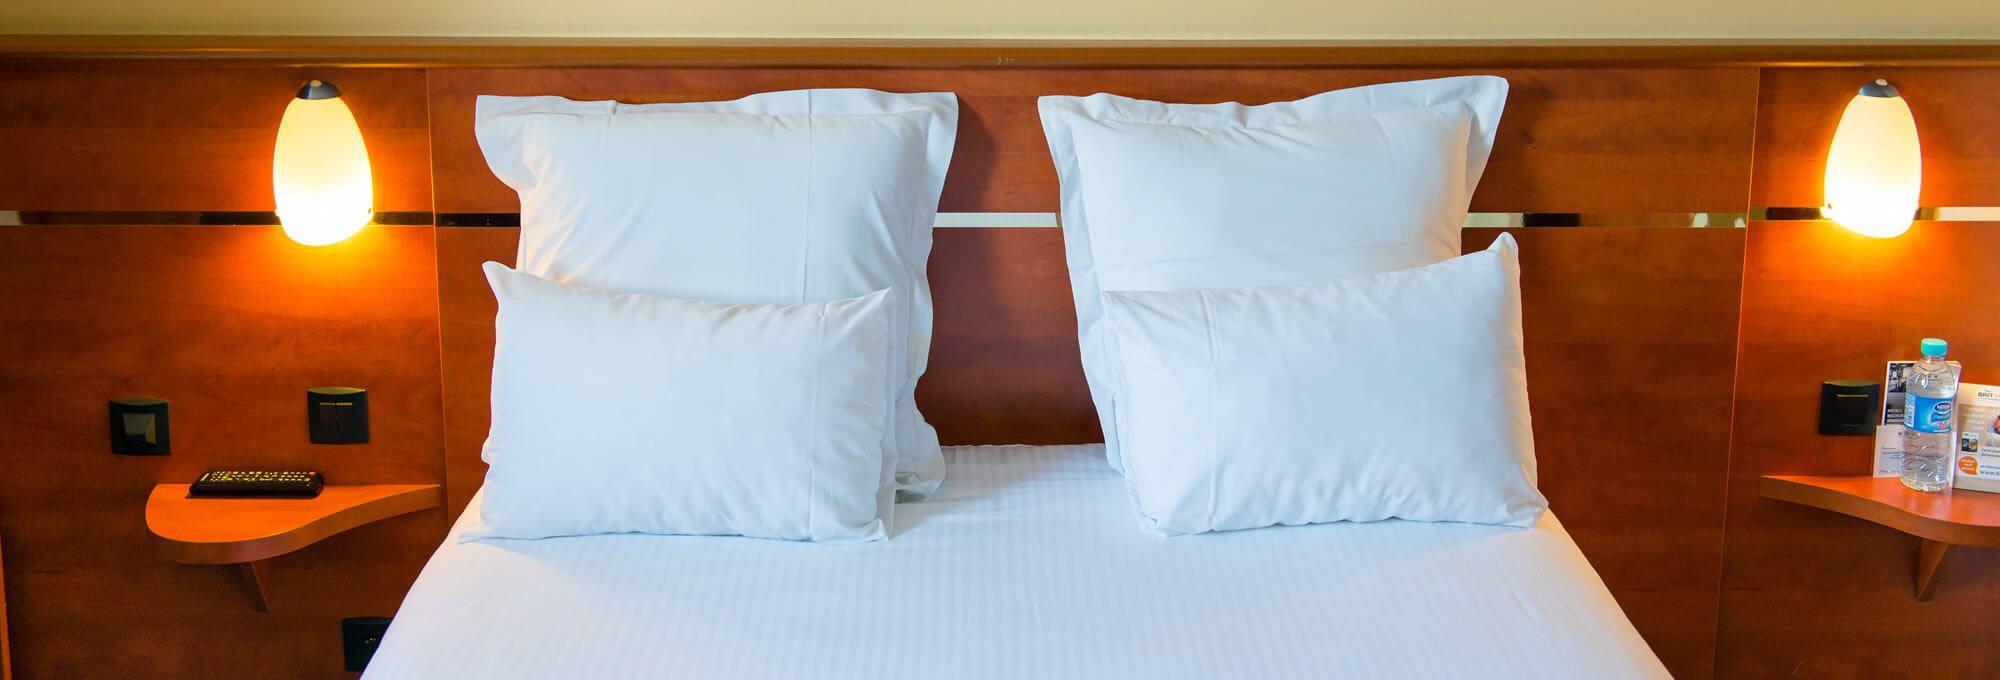 h tel blois le pr ma brithotel de 3 toiles facile d 39 acc s. Black Bedroom Furniture Sets. Home Design Ideas